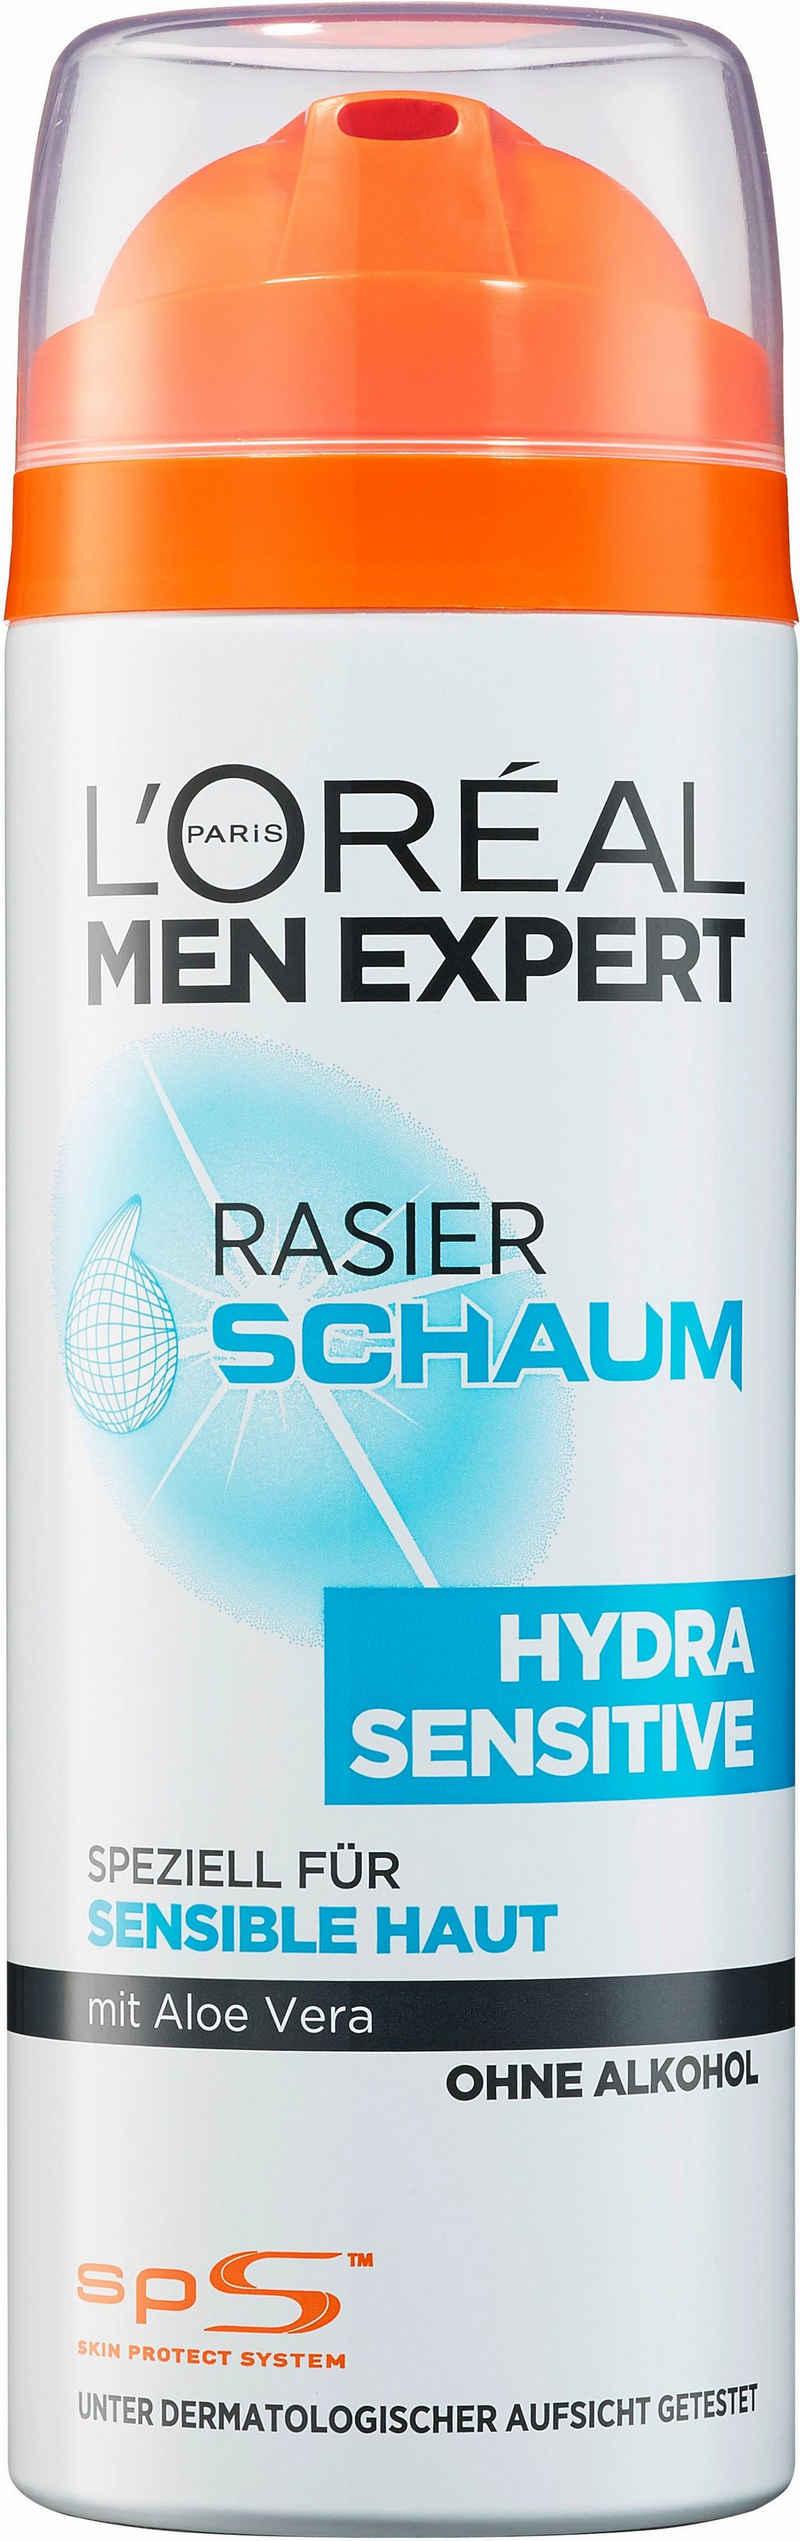 L'ORÉAL PARIS MEN EXPERT Rasierschaum »Hydra Sensitive«, pflegt sensible Haut während & nach der Rasur